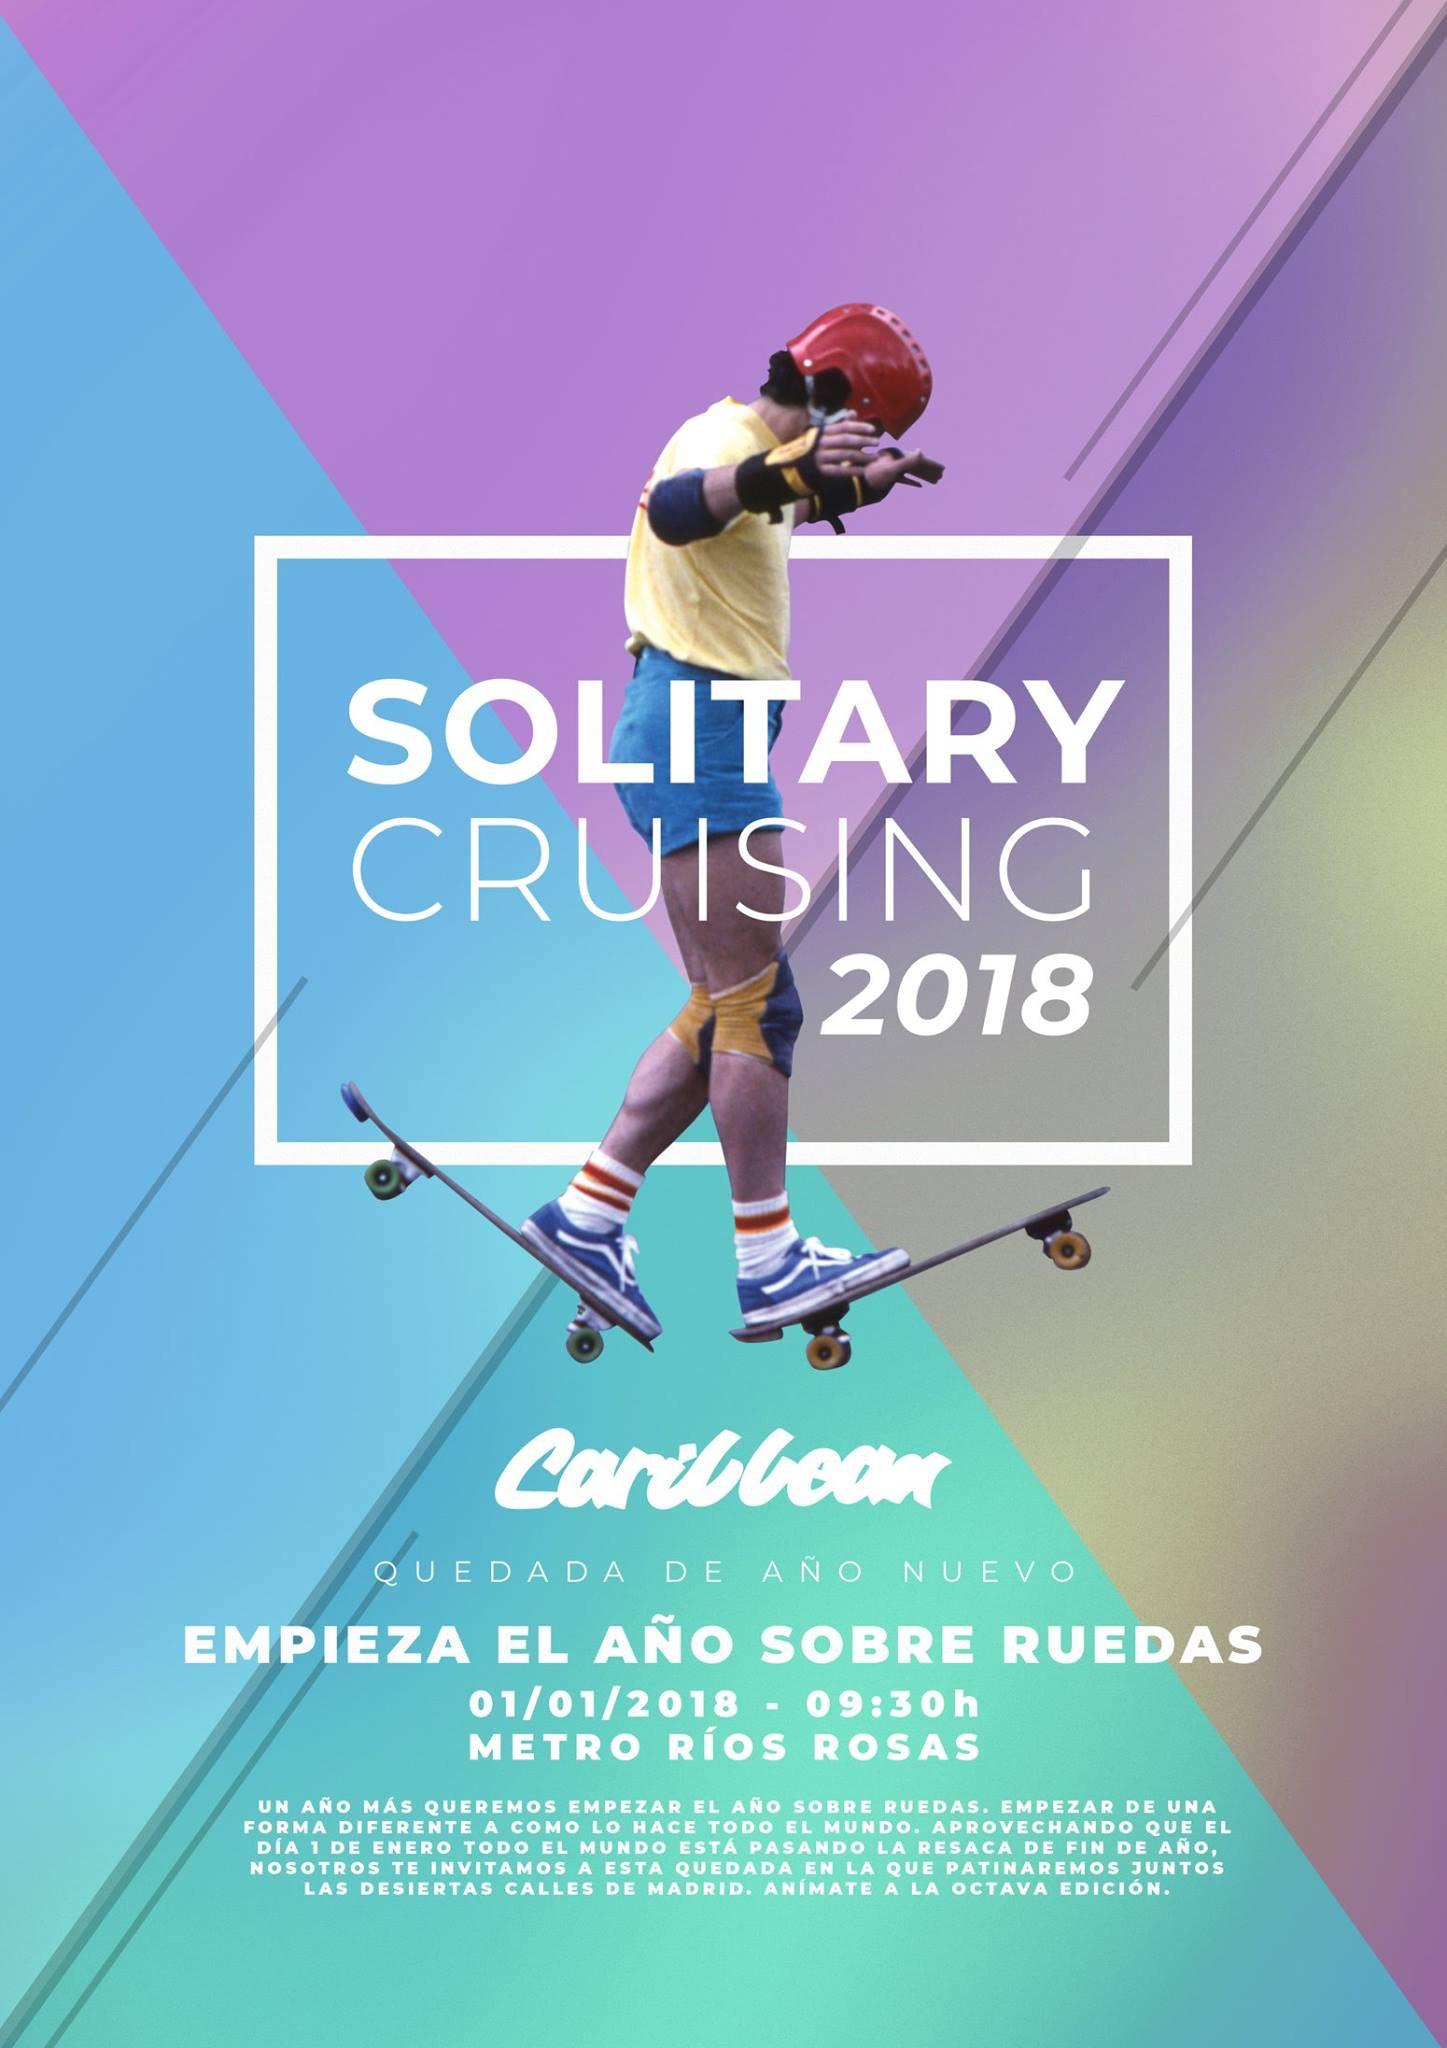 Solitary Cruising 2018